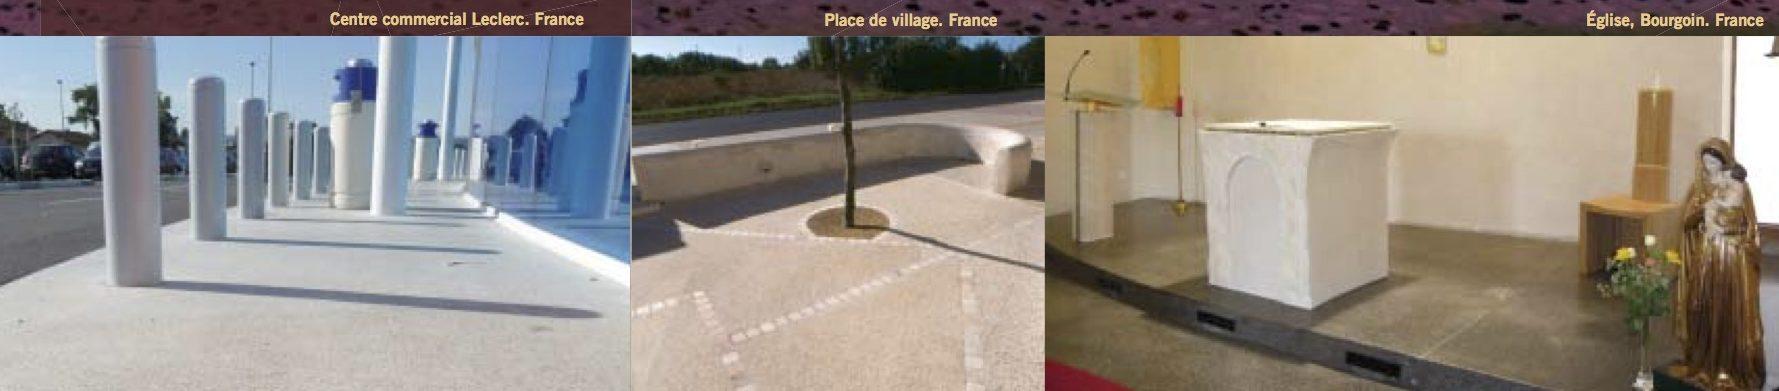 BPAI partenaire Larfarge Holcim brochure béton spéciaux décoratif Artevia - Béton Poli réalisation